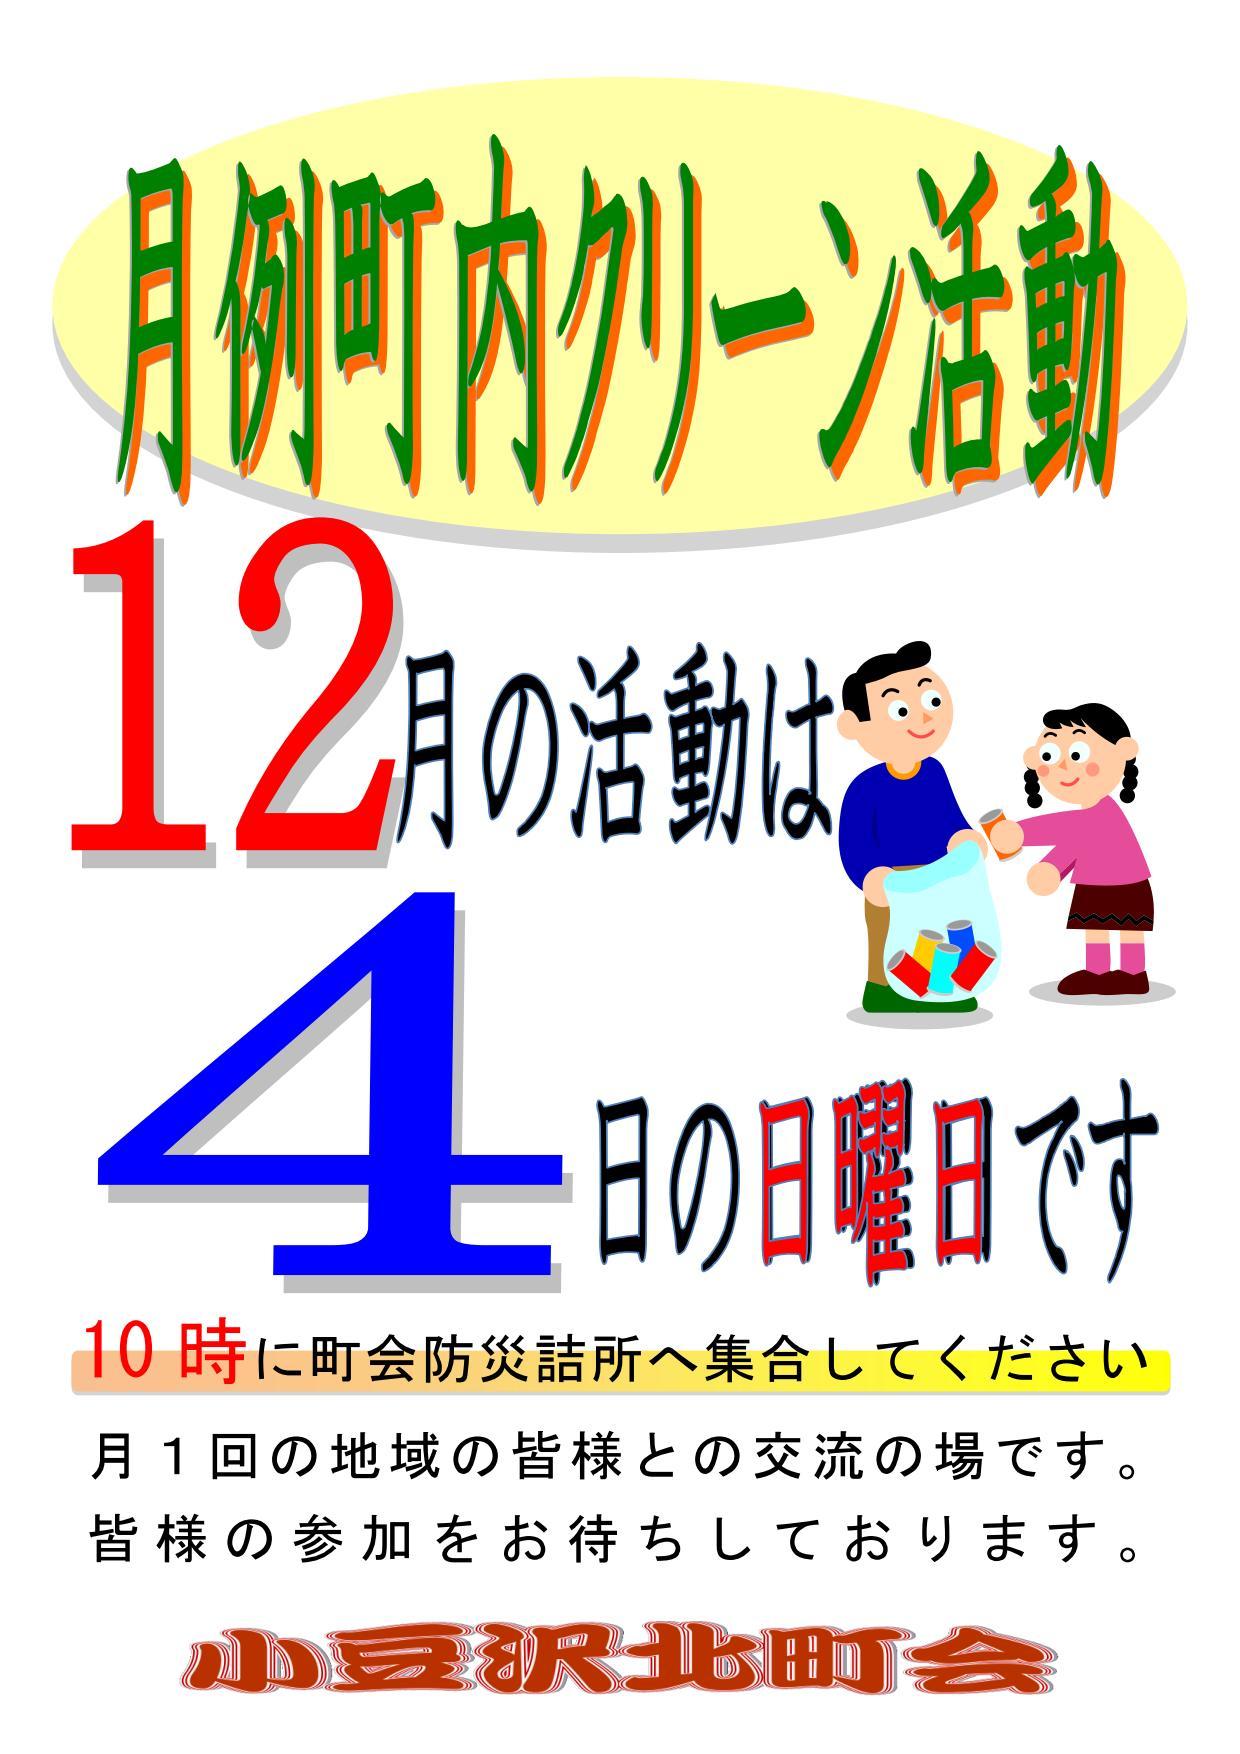 2011-12-04(日)月例町内クリーン活動ポスター